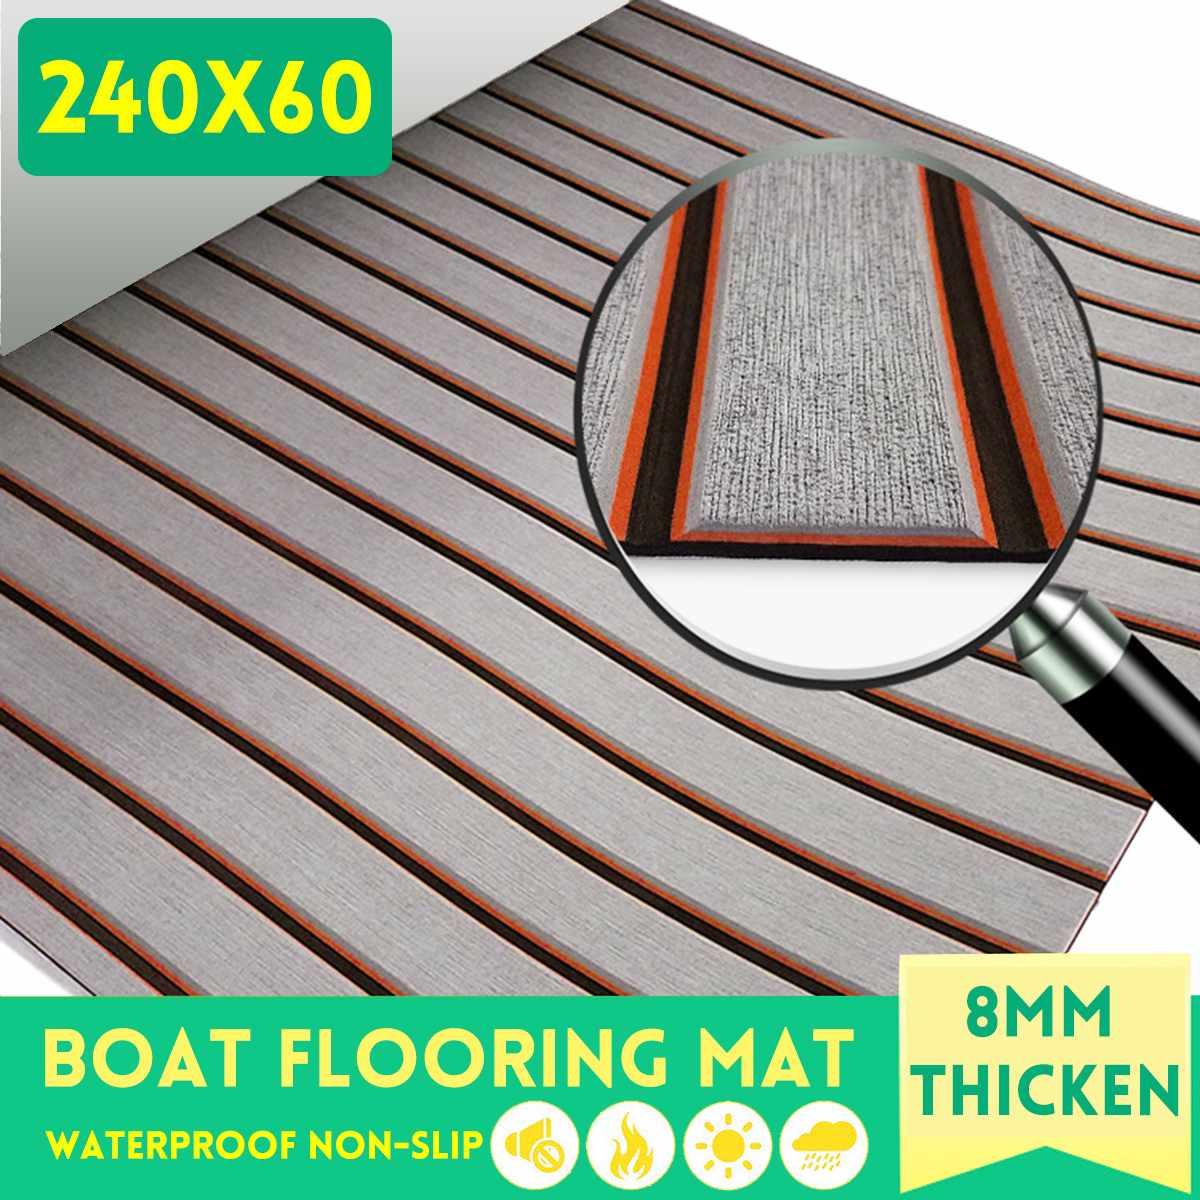 Nouveau tapis anti-dérapant accessoires bateau tapis de sol marin EVA Yacht platelage voiture décoration tapis antidérapant 2400x600x8mm pour caravane RV